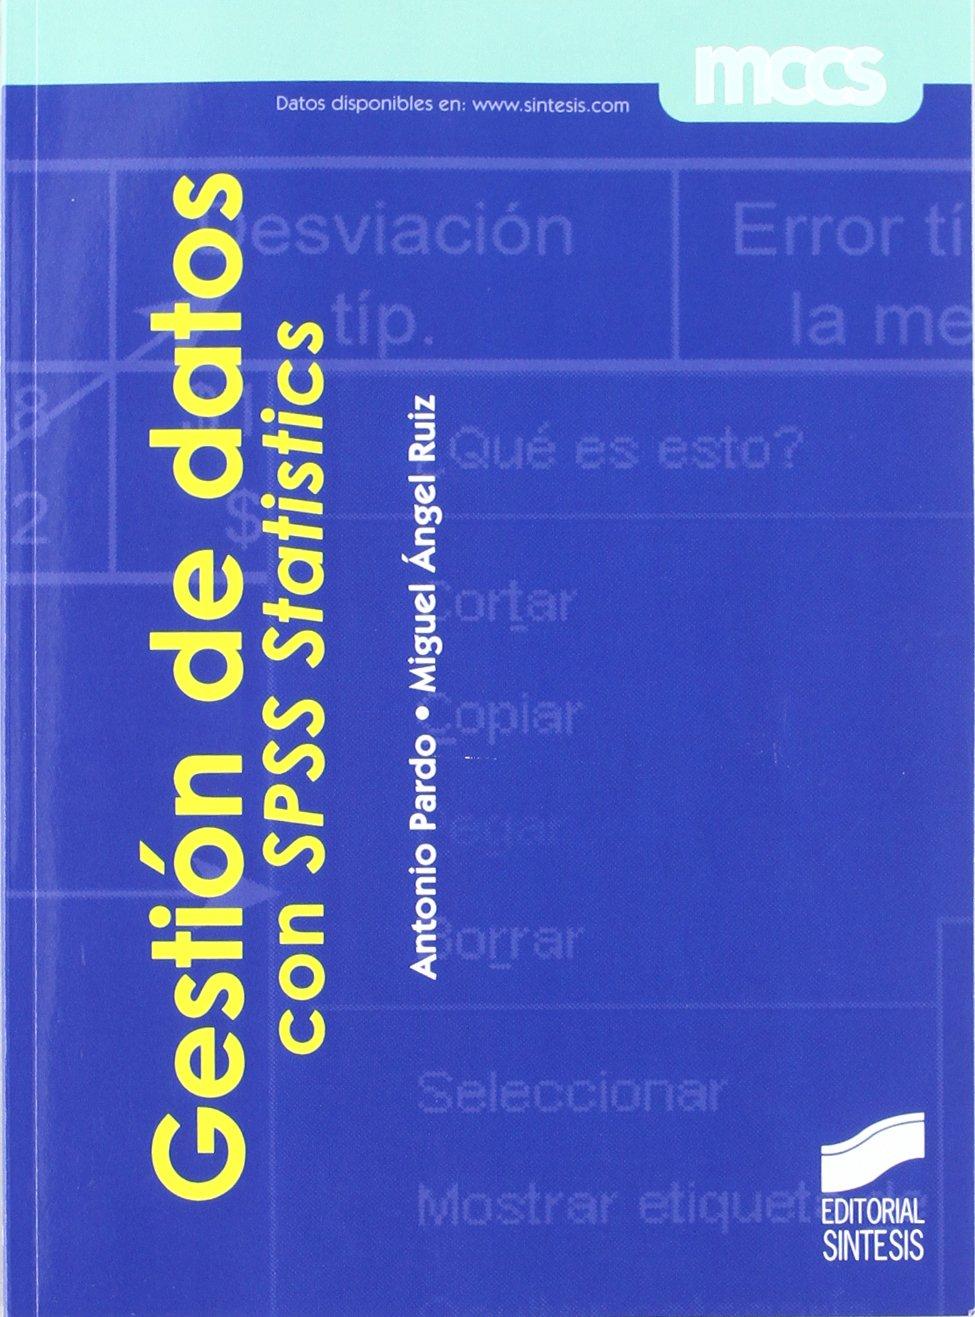 Gestión de datos con SPSS Statistics (MCCS) Tapa blanda – 1 ago 2009 Antonio Pardo Merino Miguel Ángel Ruiz Díaz Sintesis 8497566483